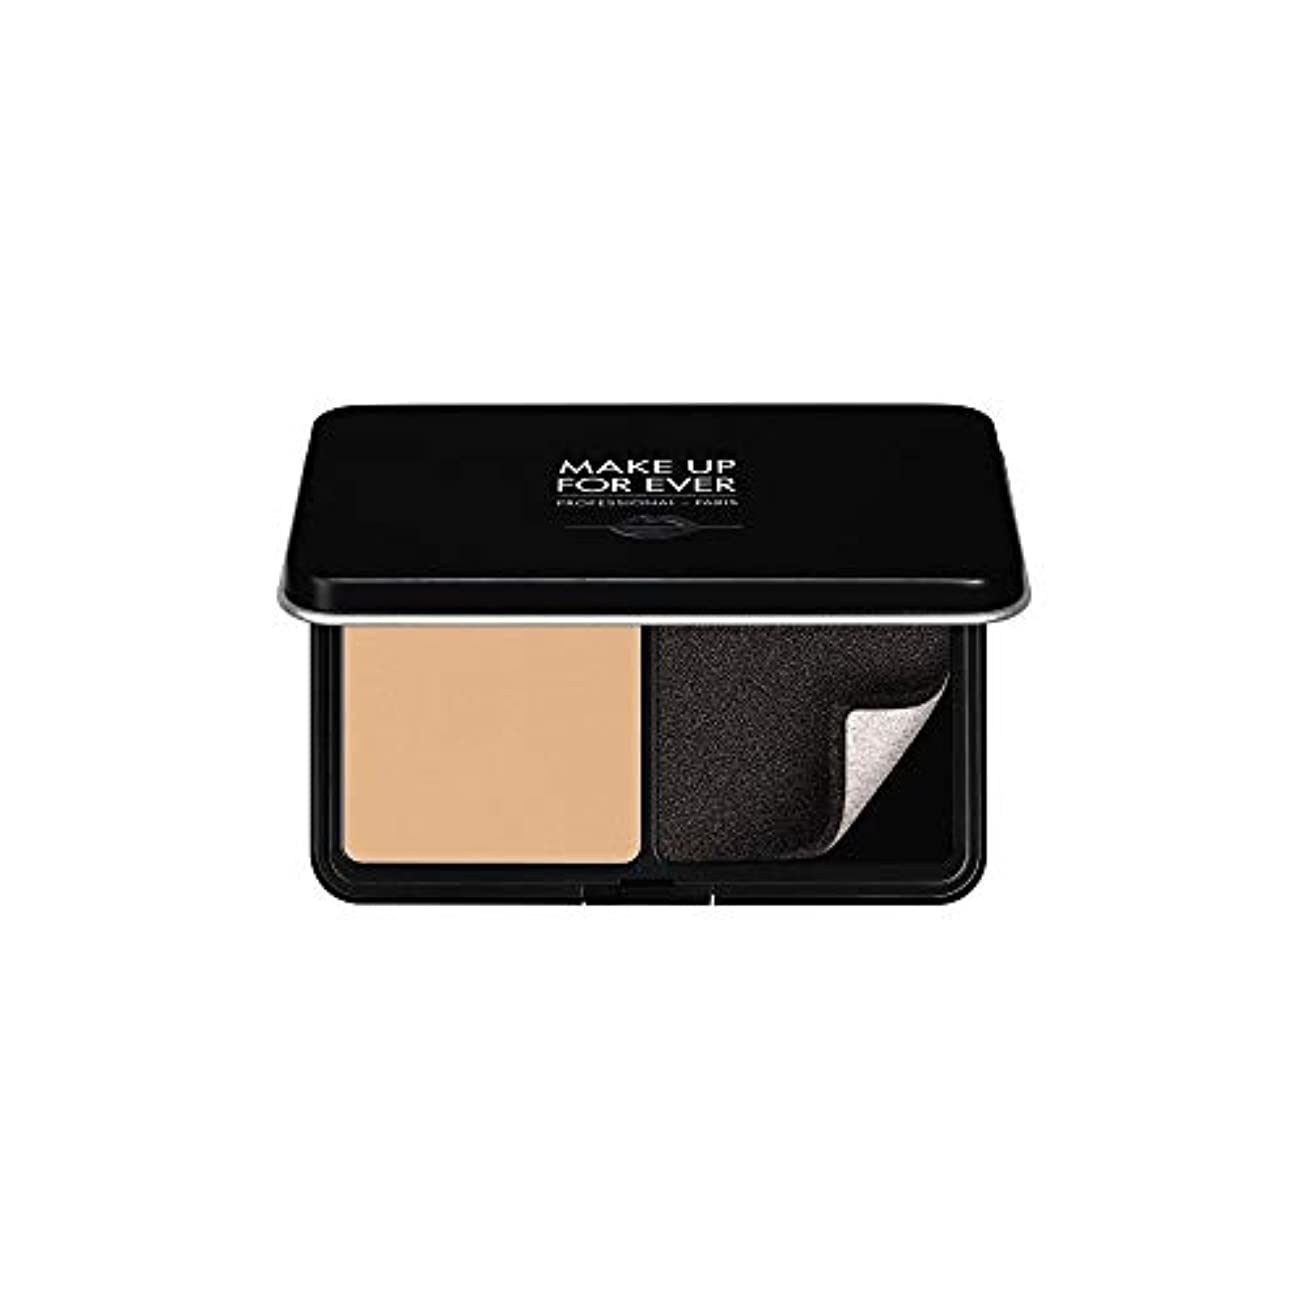 メイクアップフォーエバー Matte Velvet Skin Blurring Powder Foundation - # Y235 (Ivory Beige) 11g/0.38oz並行輸入品